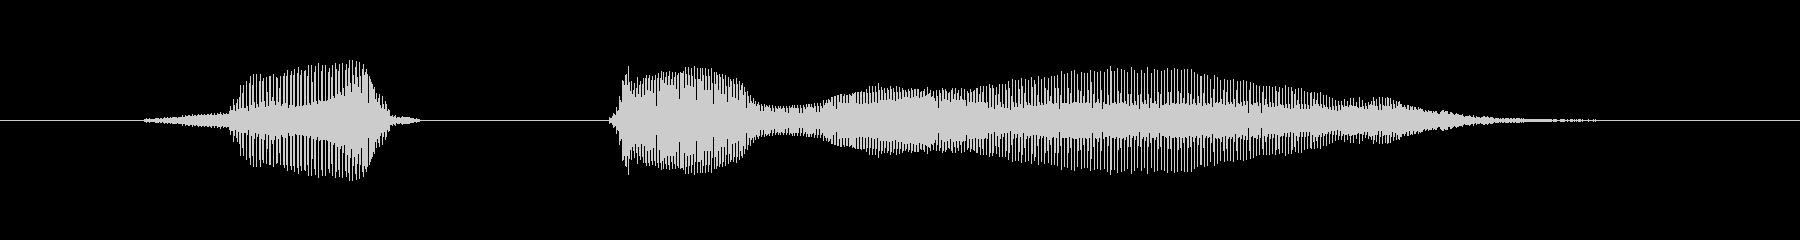 【ラジオ・パーソナリティ・ED】まった…の未再生の波形